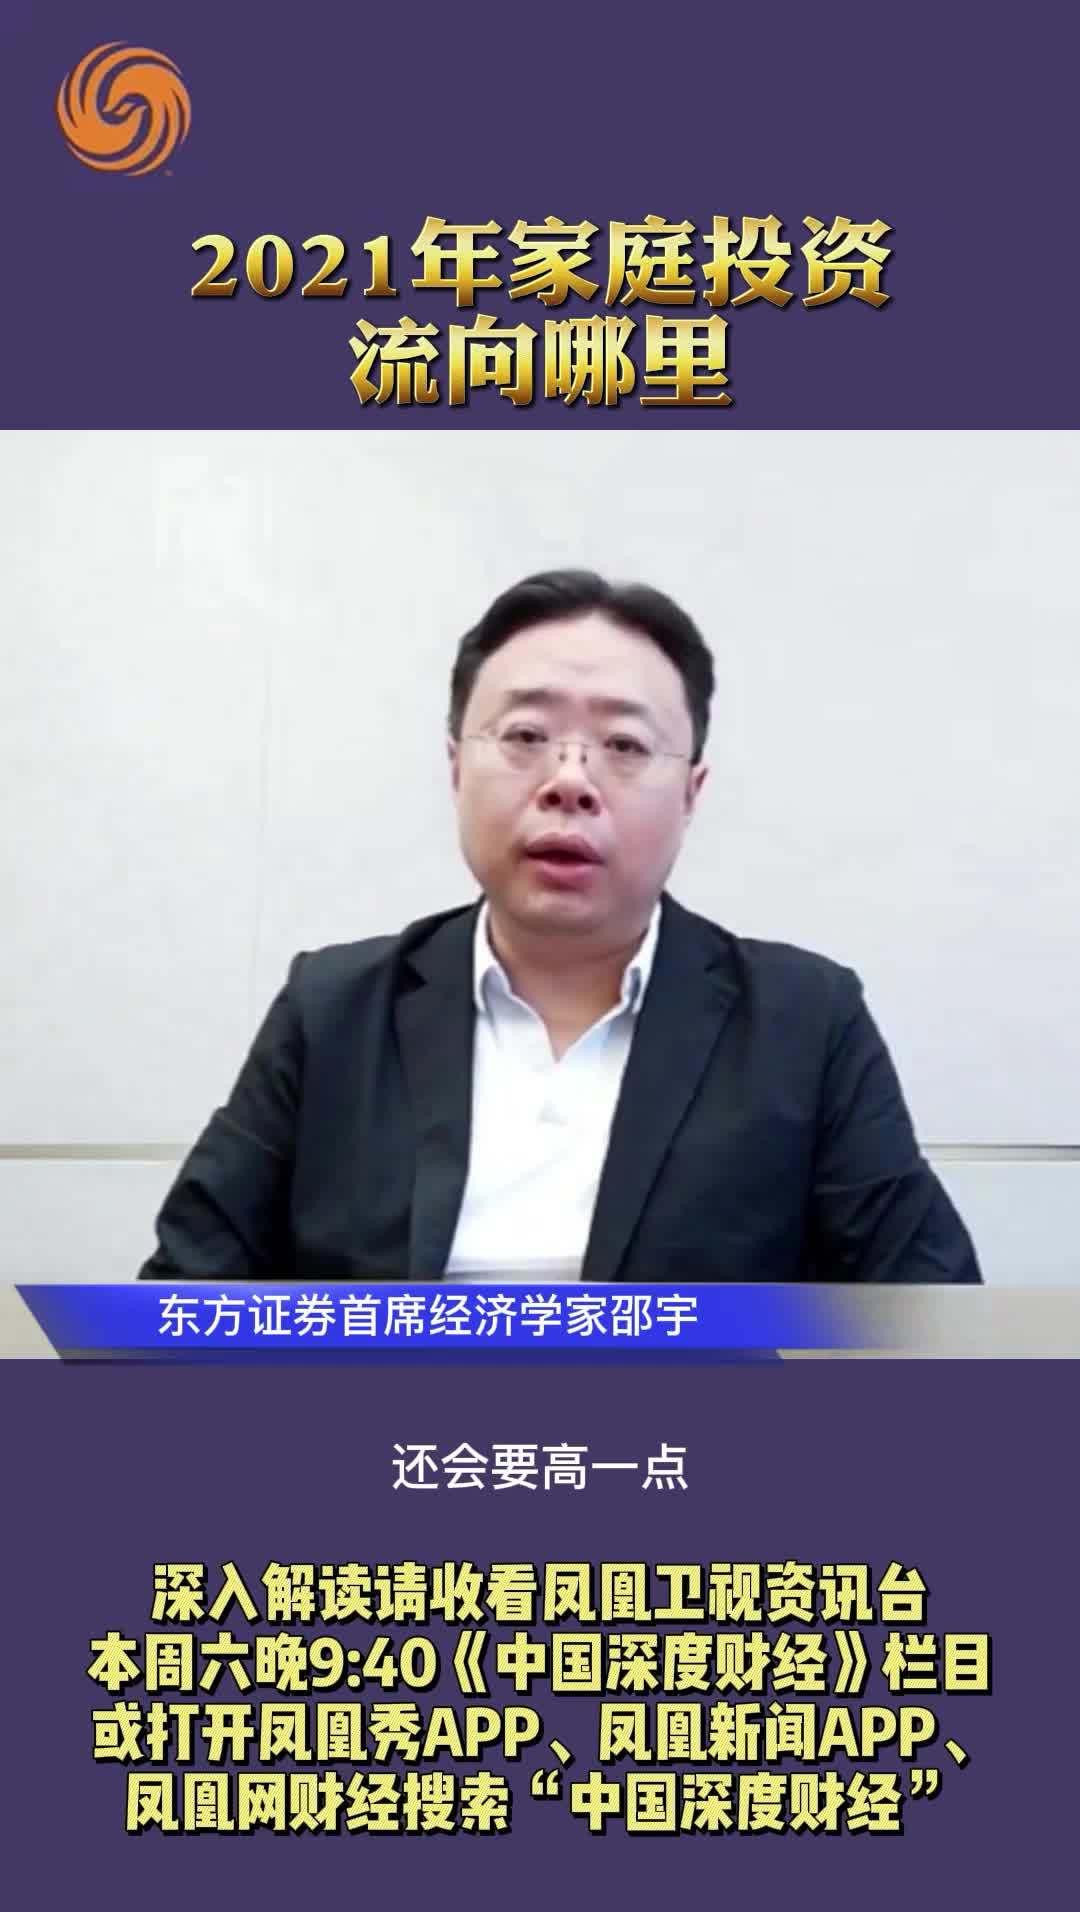 东方证券首席经济学家邵宇:2021年家庭投资流向哪里?